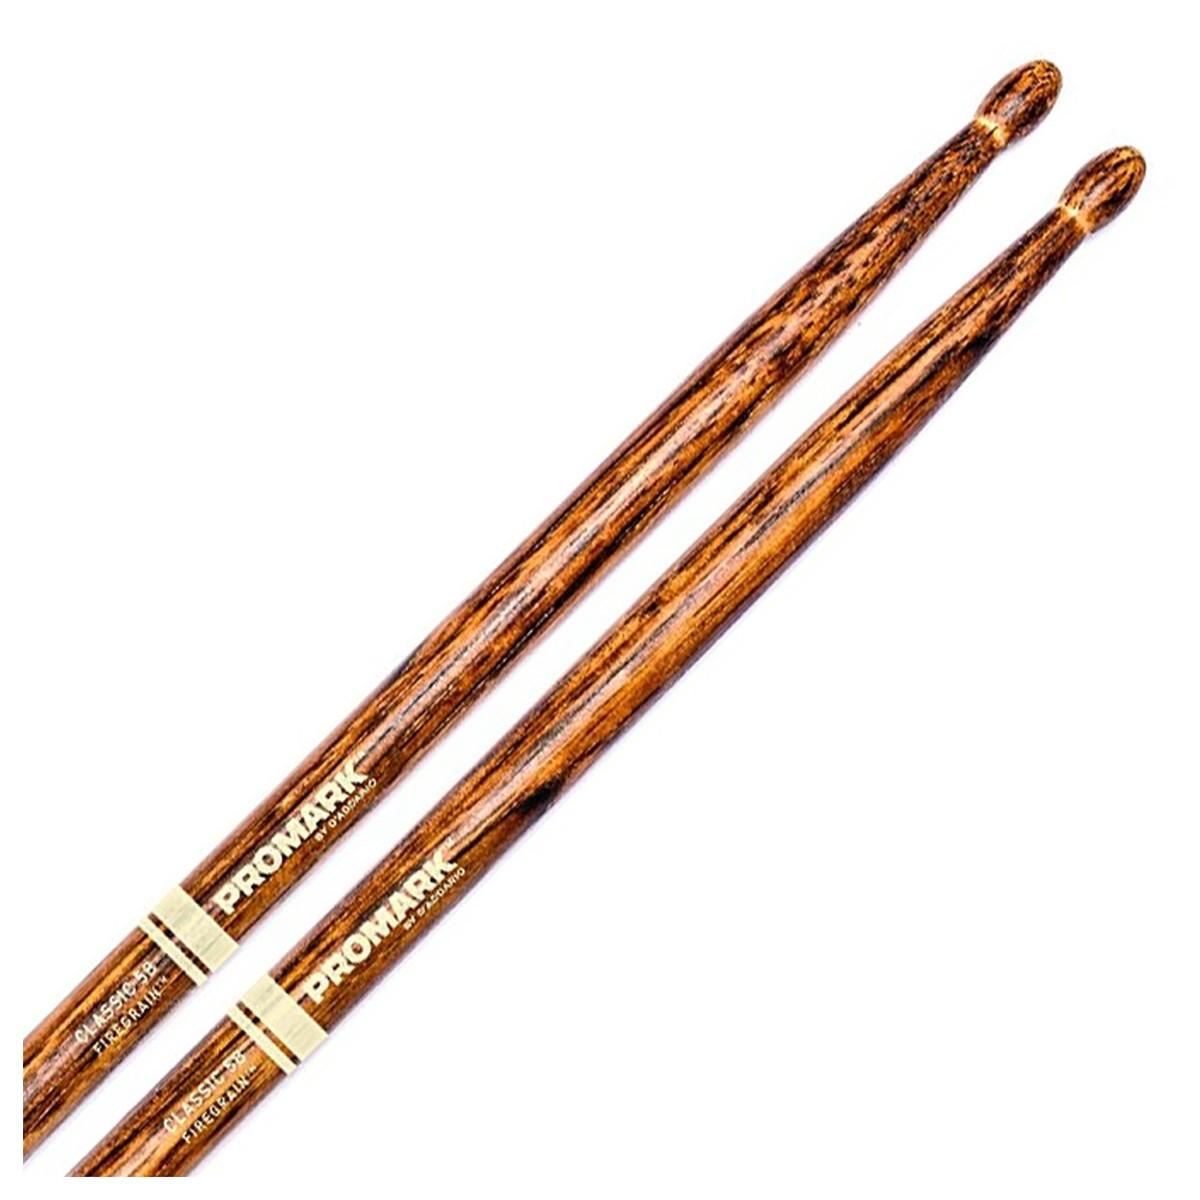 Pro-Mark FireGrain Drumsticks